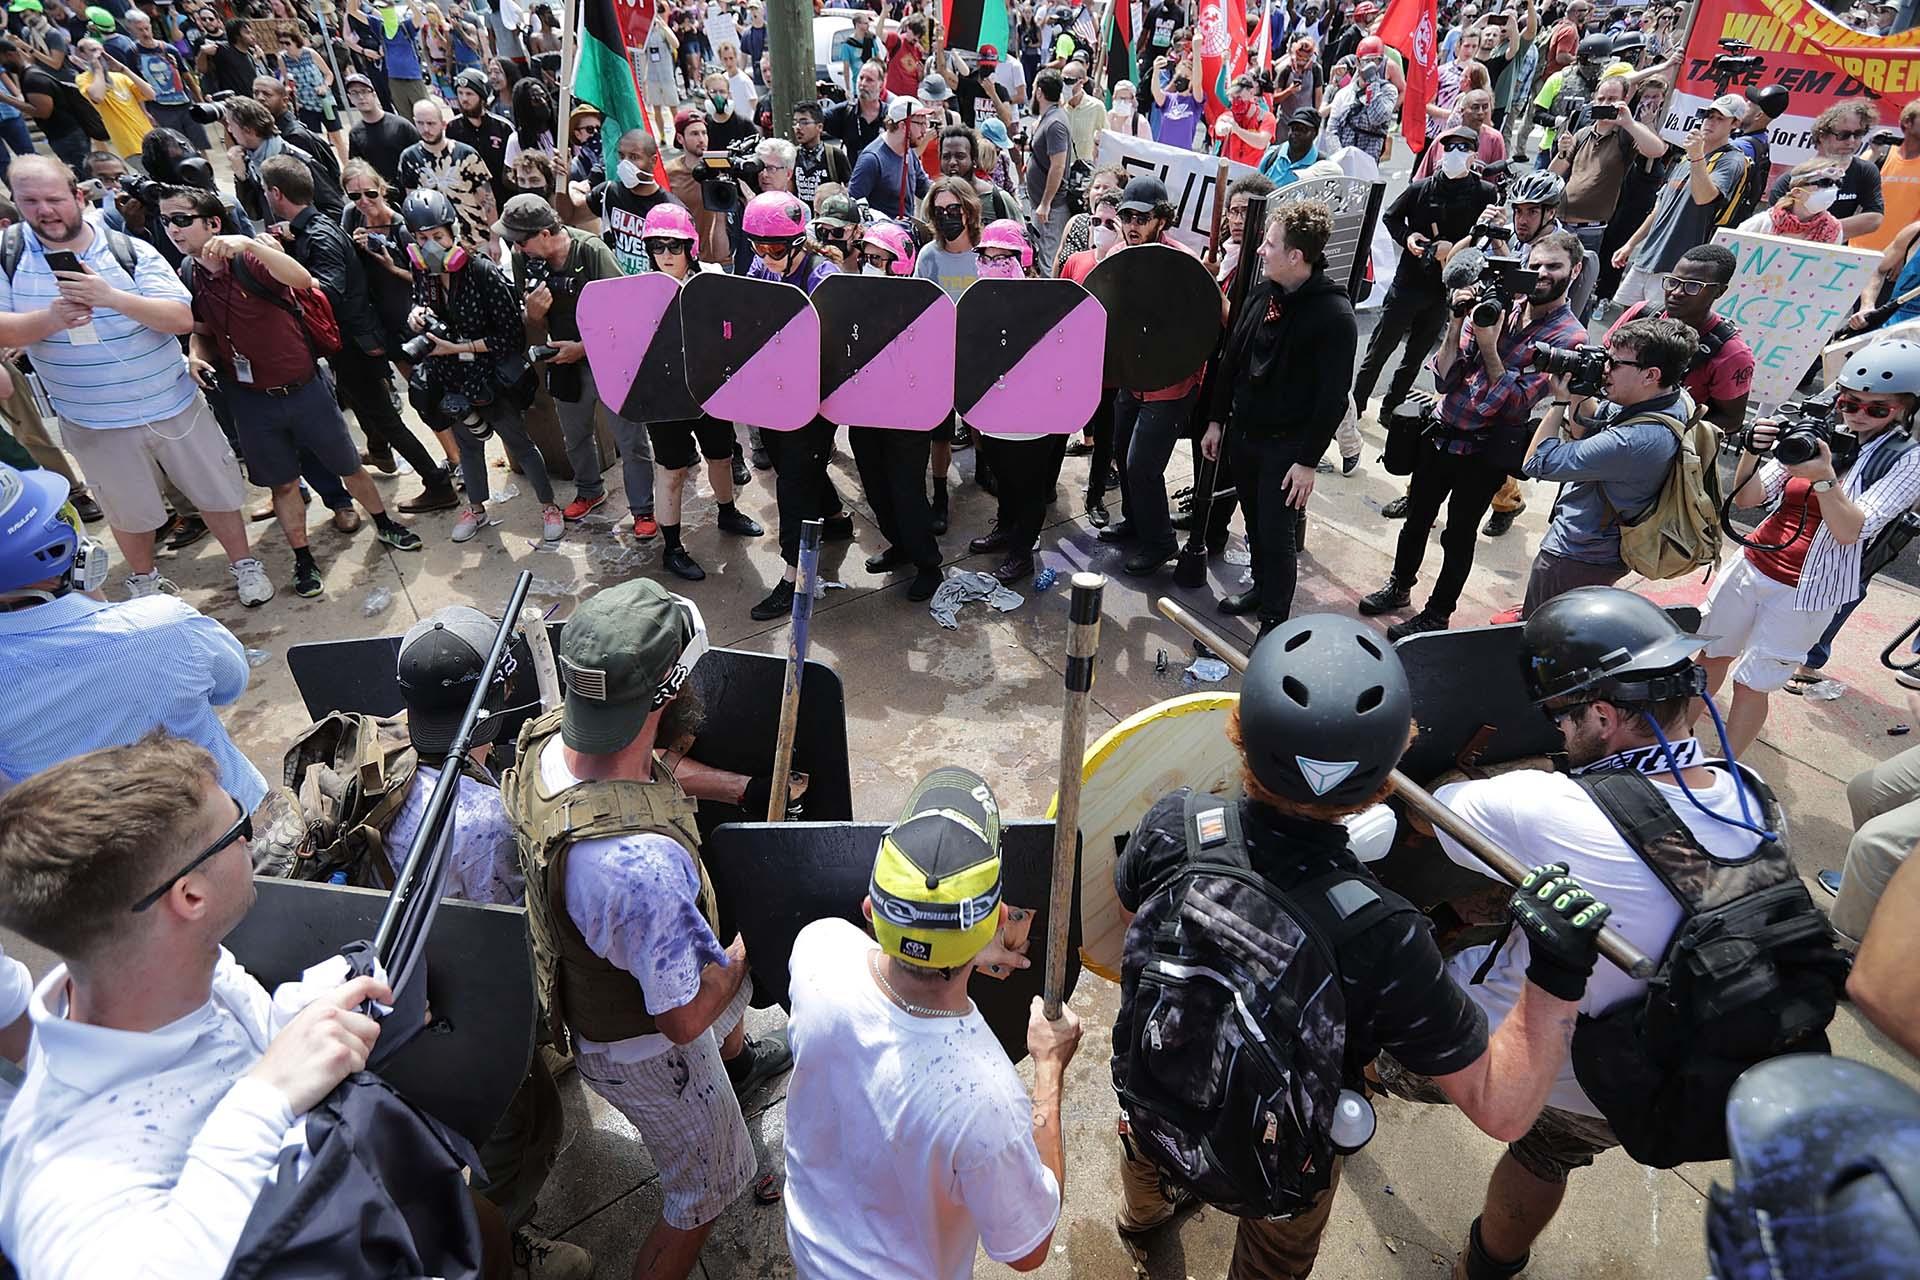 Las líneas de batalla de los nacionalistas blancos y los antifascistas en Lee Park